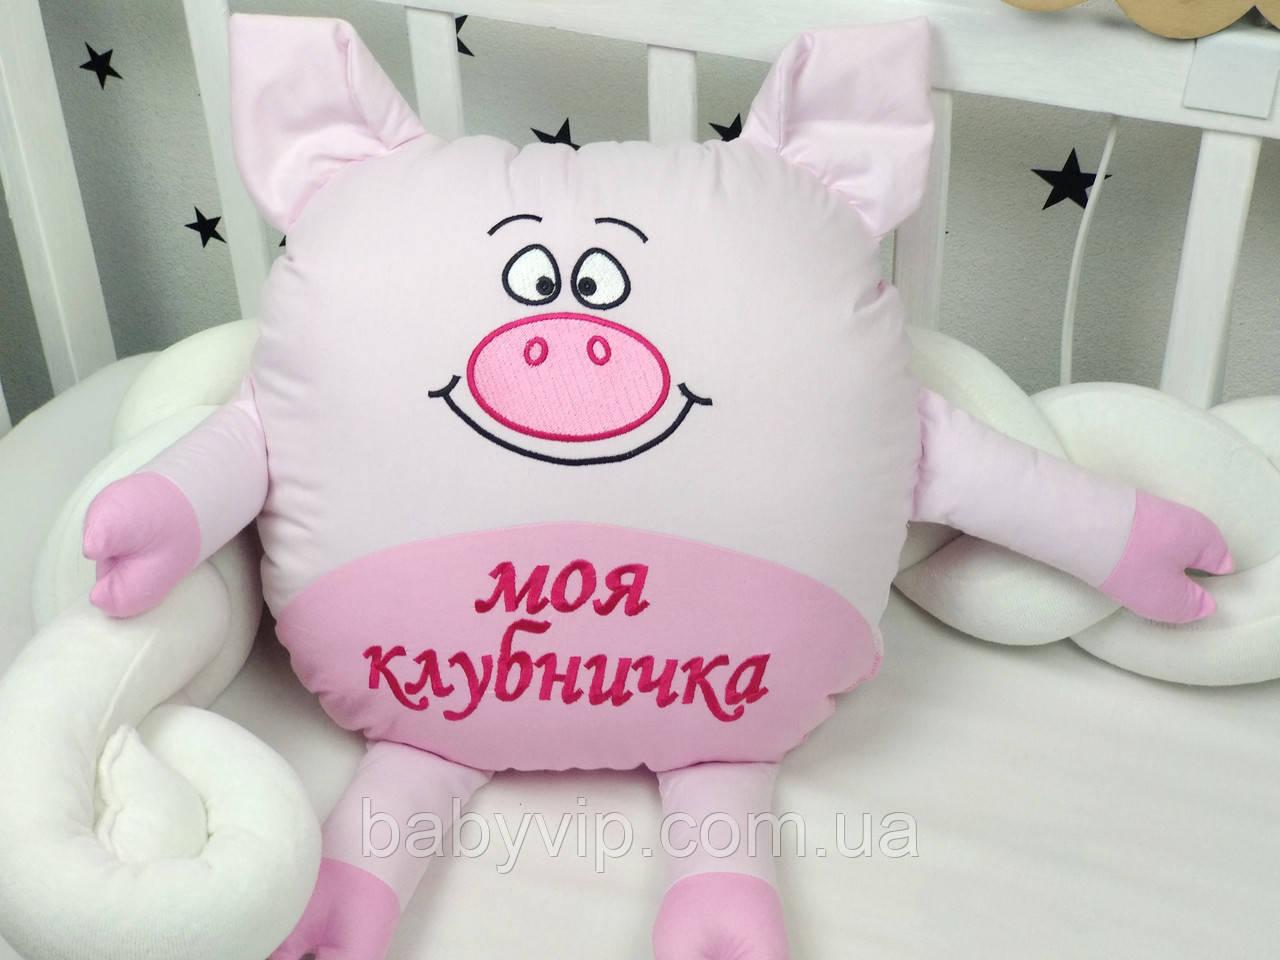 Именная игрушка свинка с метрикой